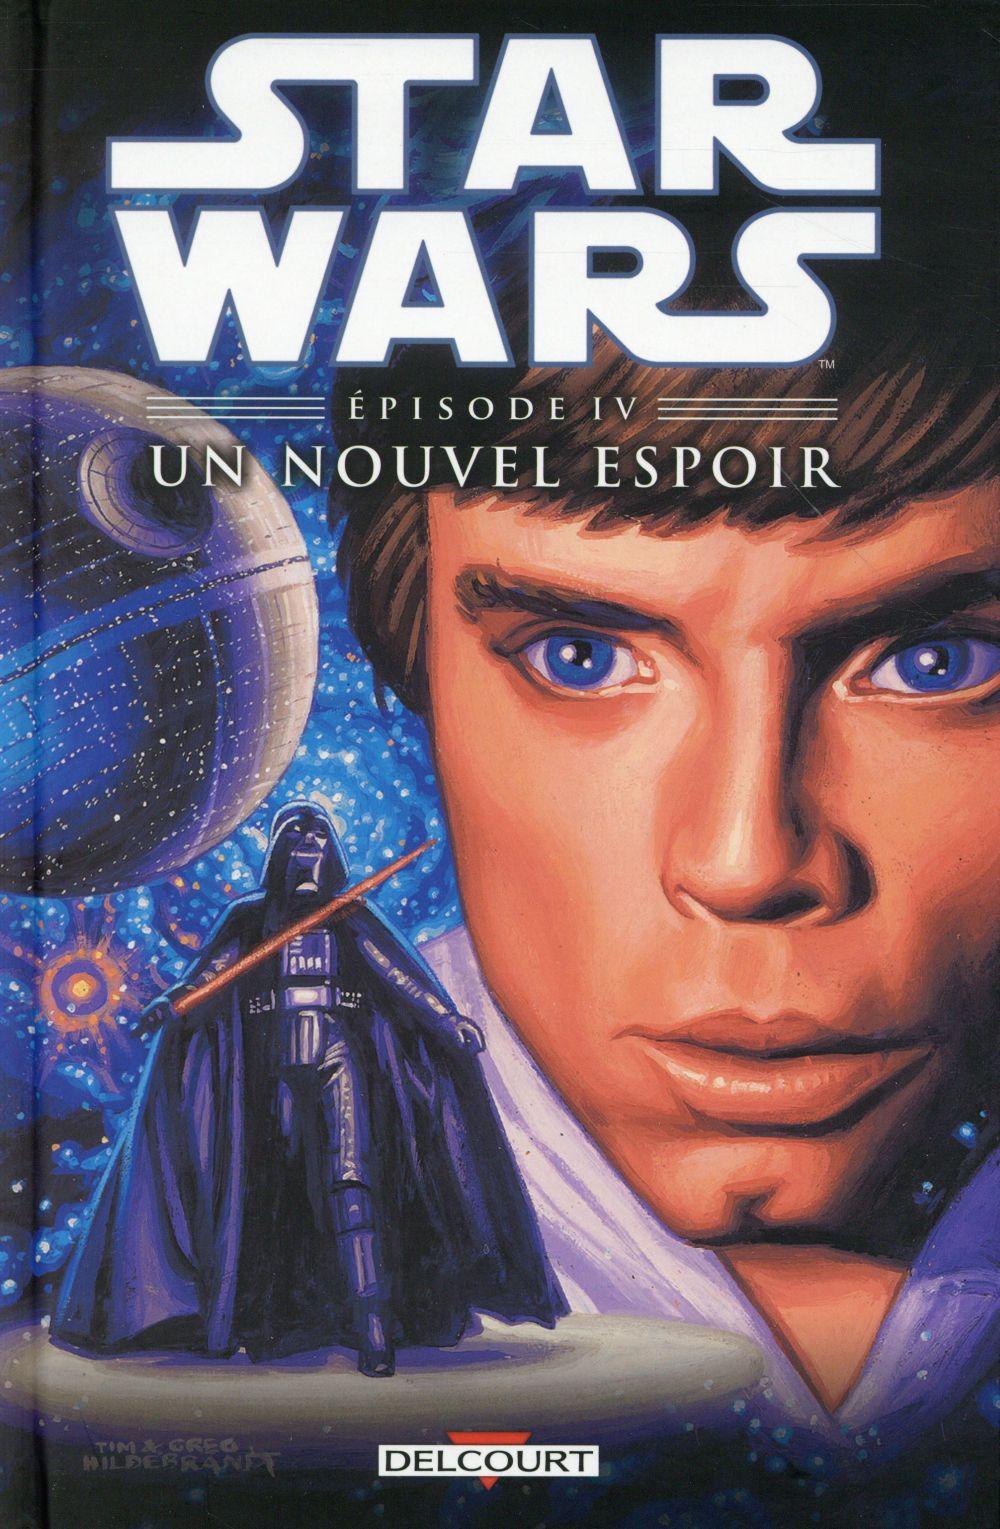 STAR WARS - EPISODE IV  -  UN NOUVEL ESPOIR  JONES, BRUCE